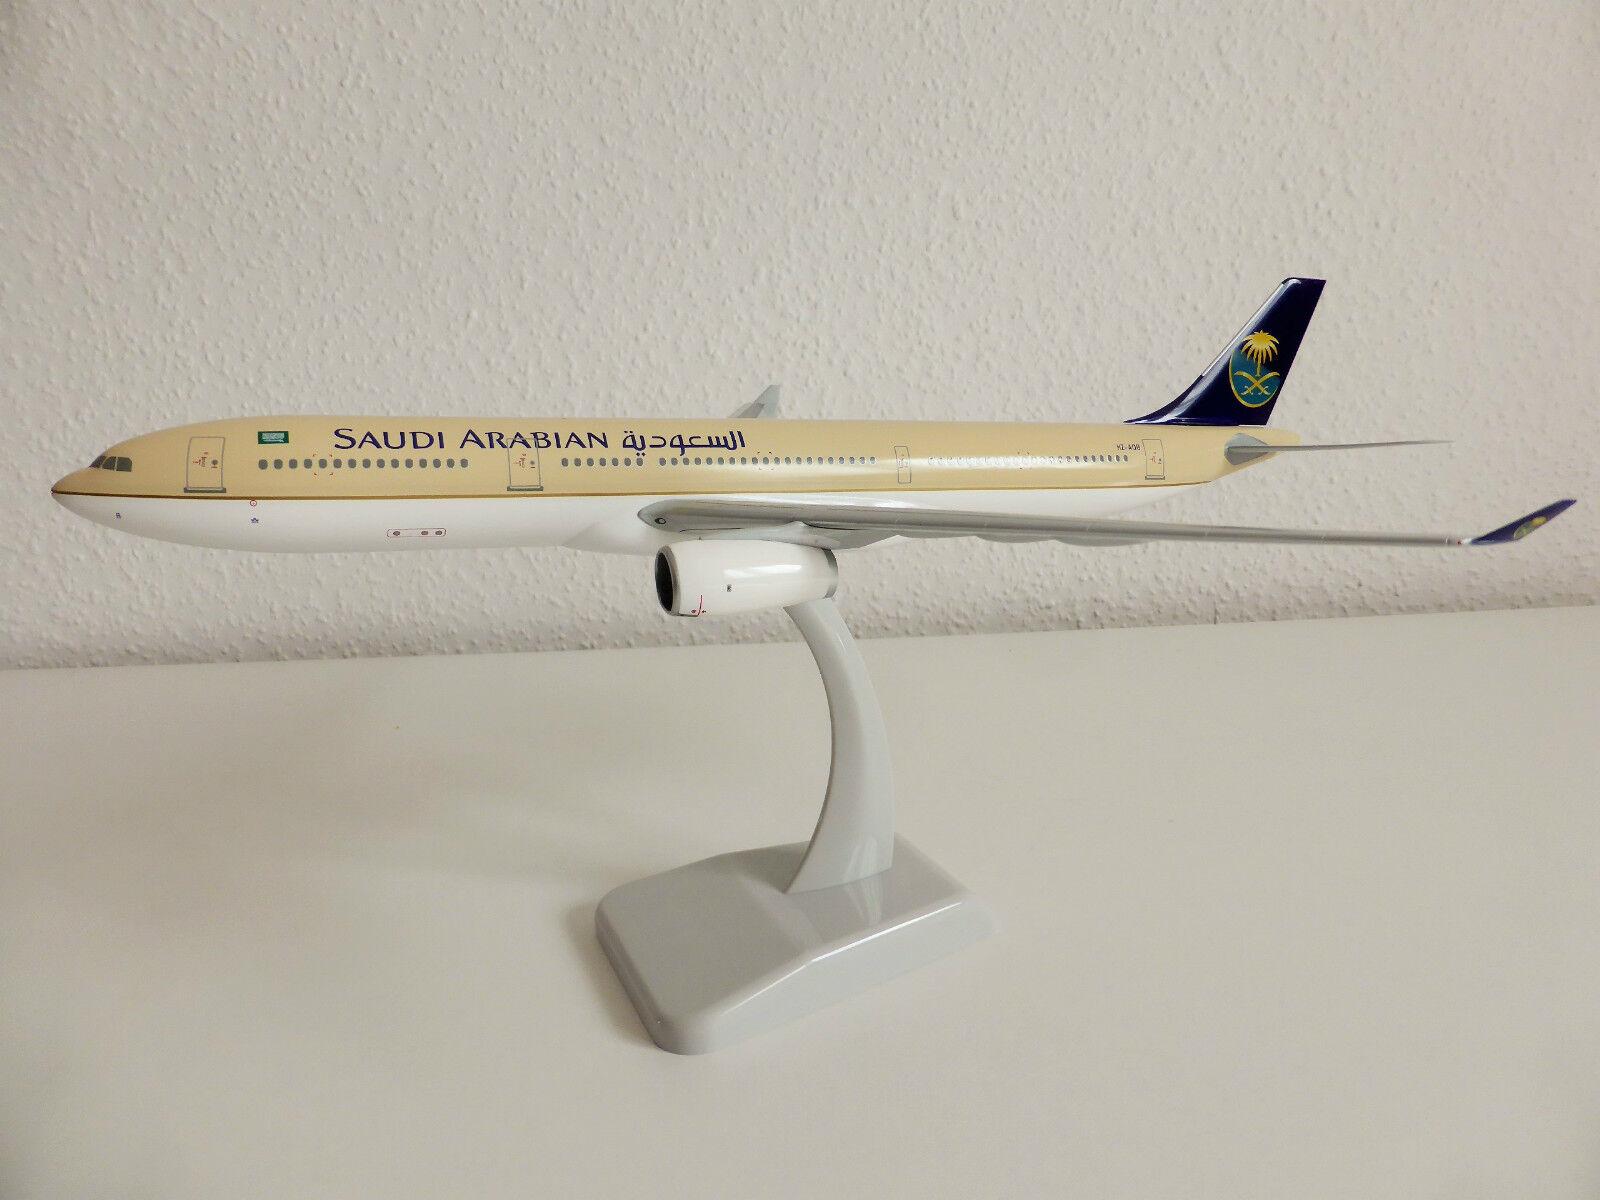 SAUDI ARABIAN AIRLINES Airbus A330-300 1 200 Hogan 0892 Limox A 330 A330 Saudia    Die Qualität Und Die Verbraucher Zunächst